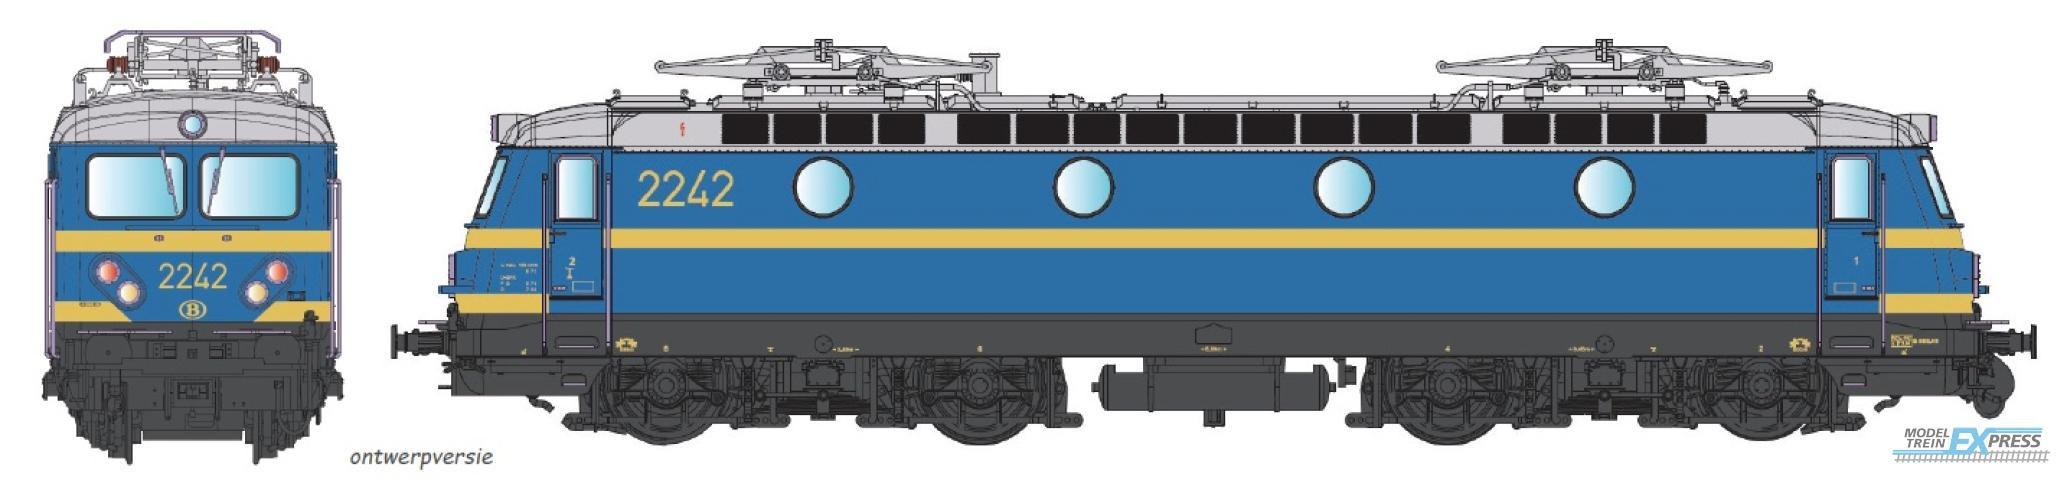 B-Models 3305.07